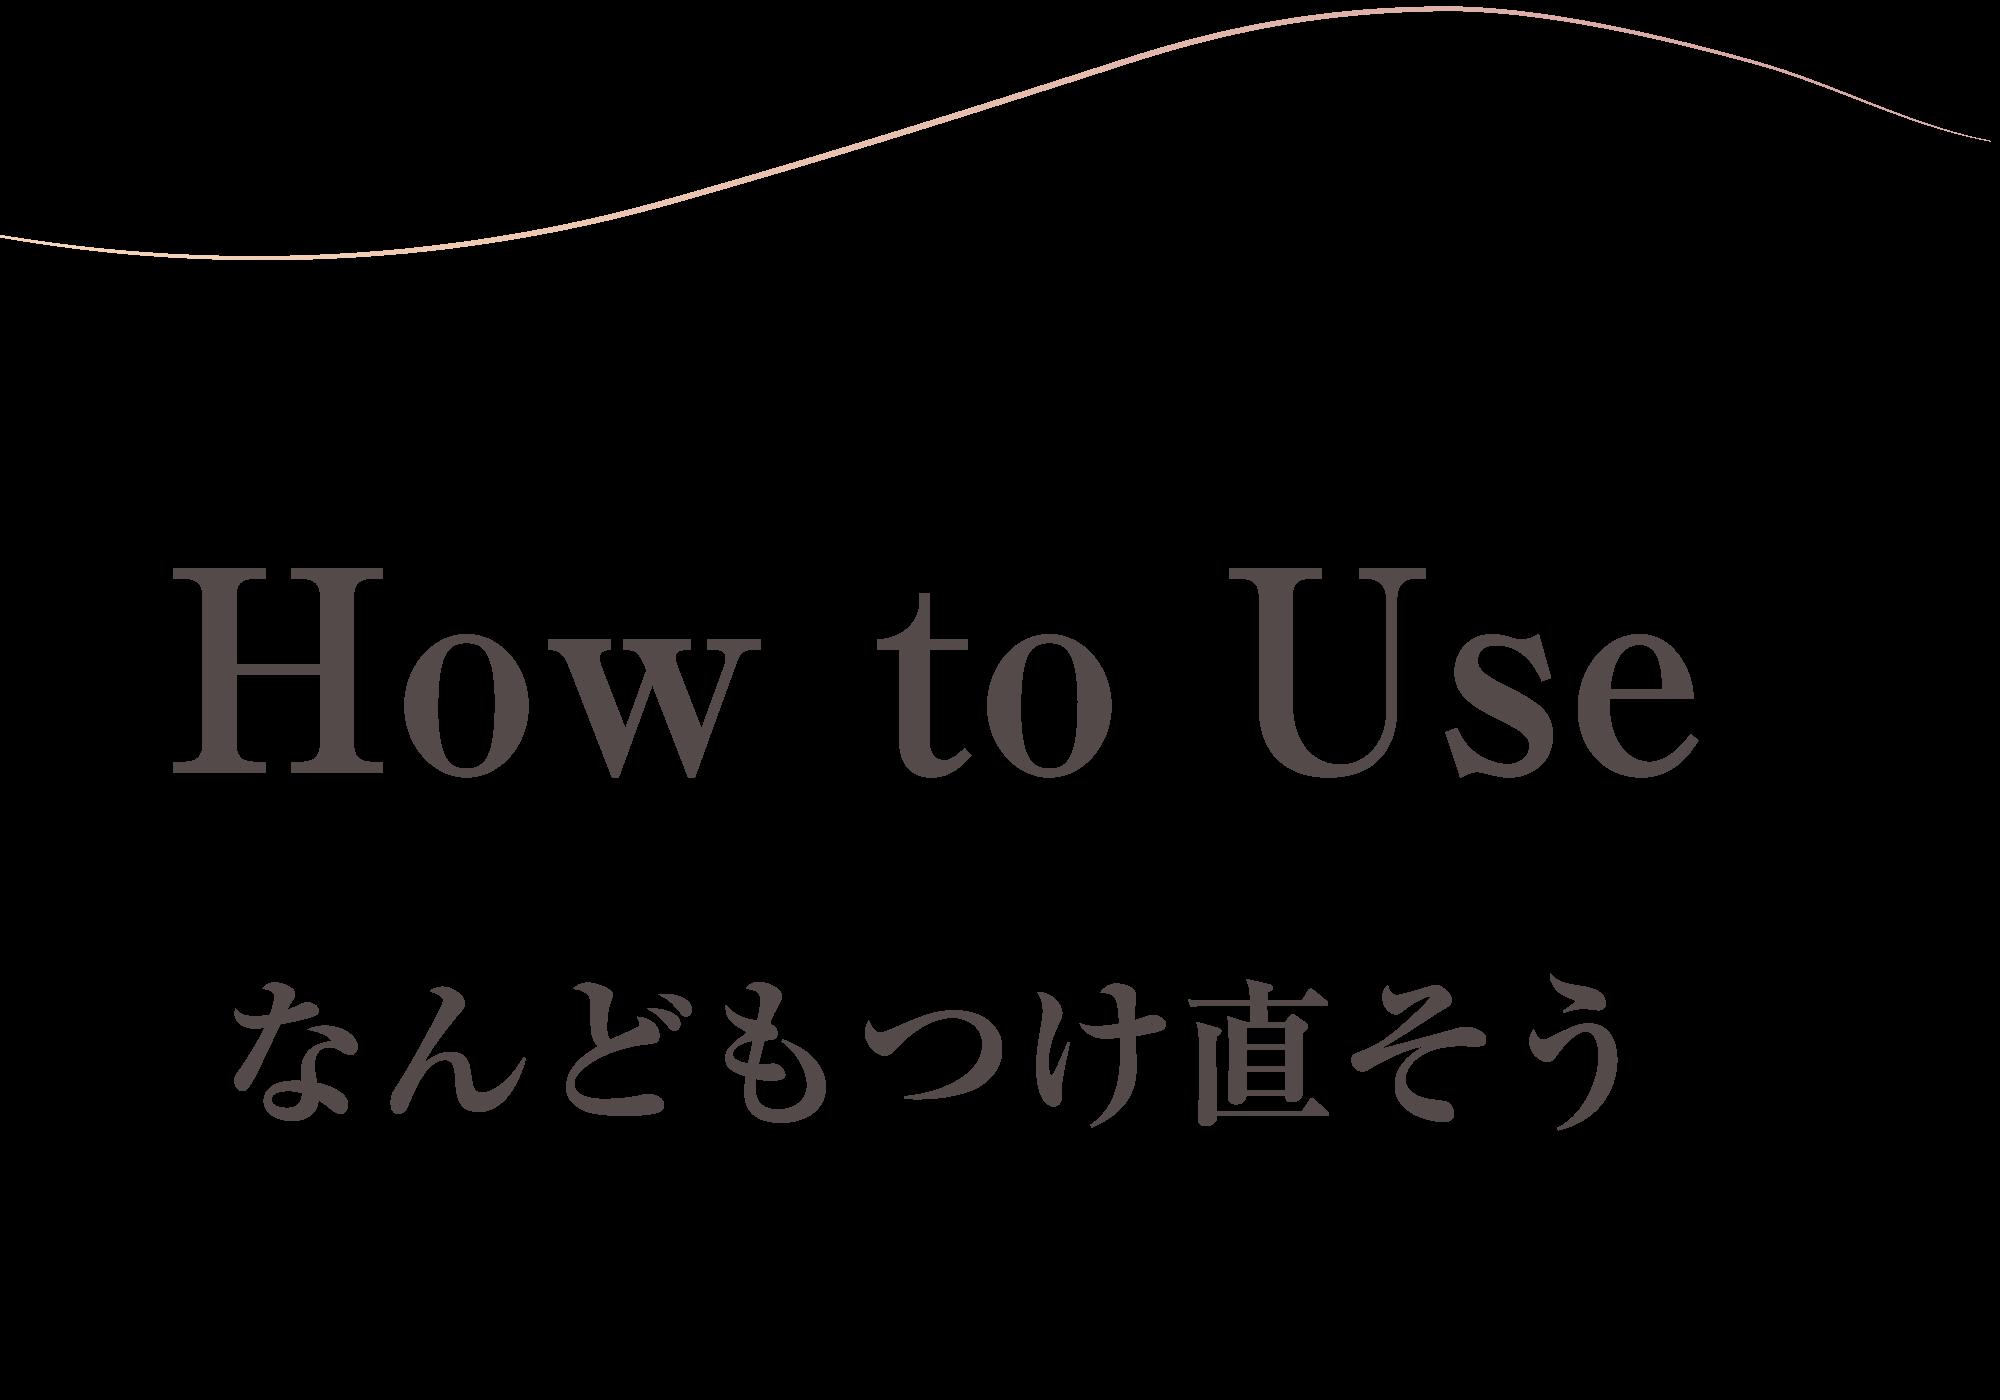 how to use なんどもつけ直そう